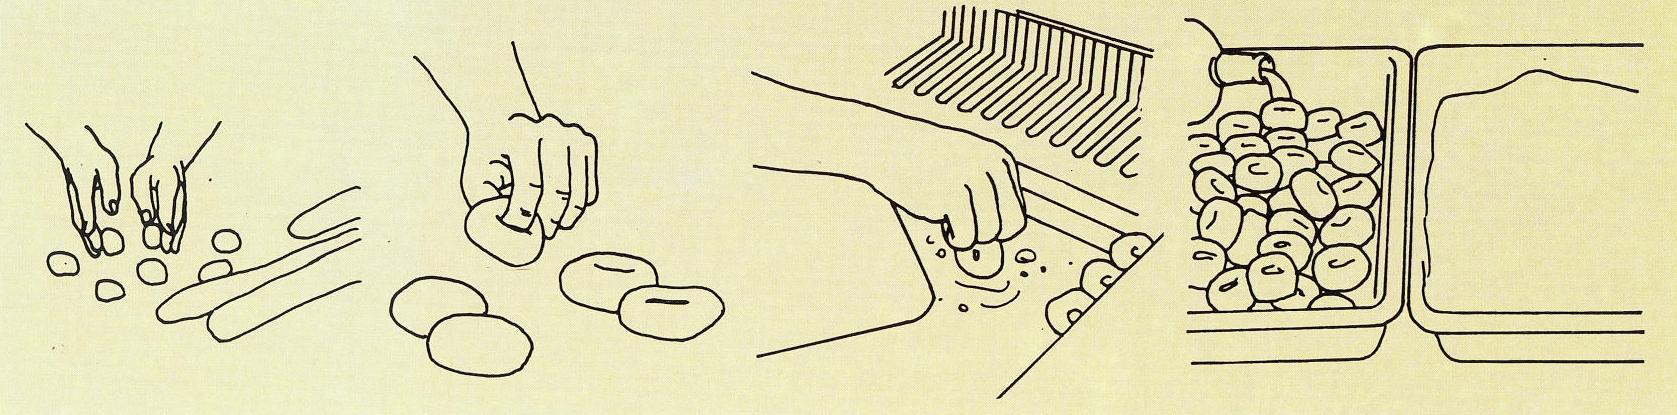 Buñuelos proceso